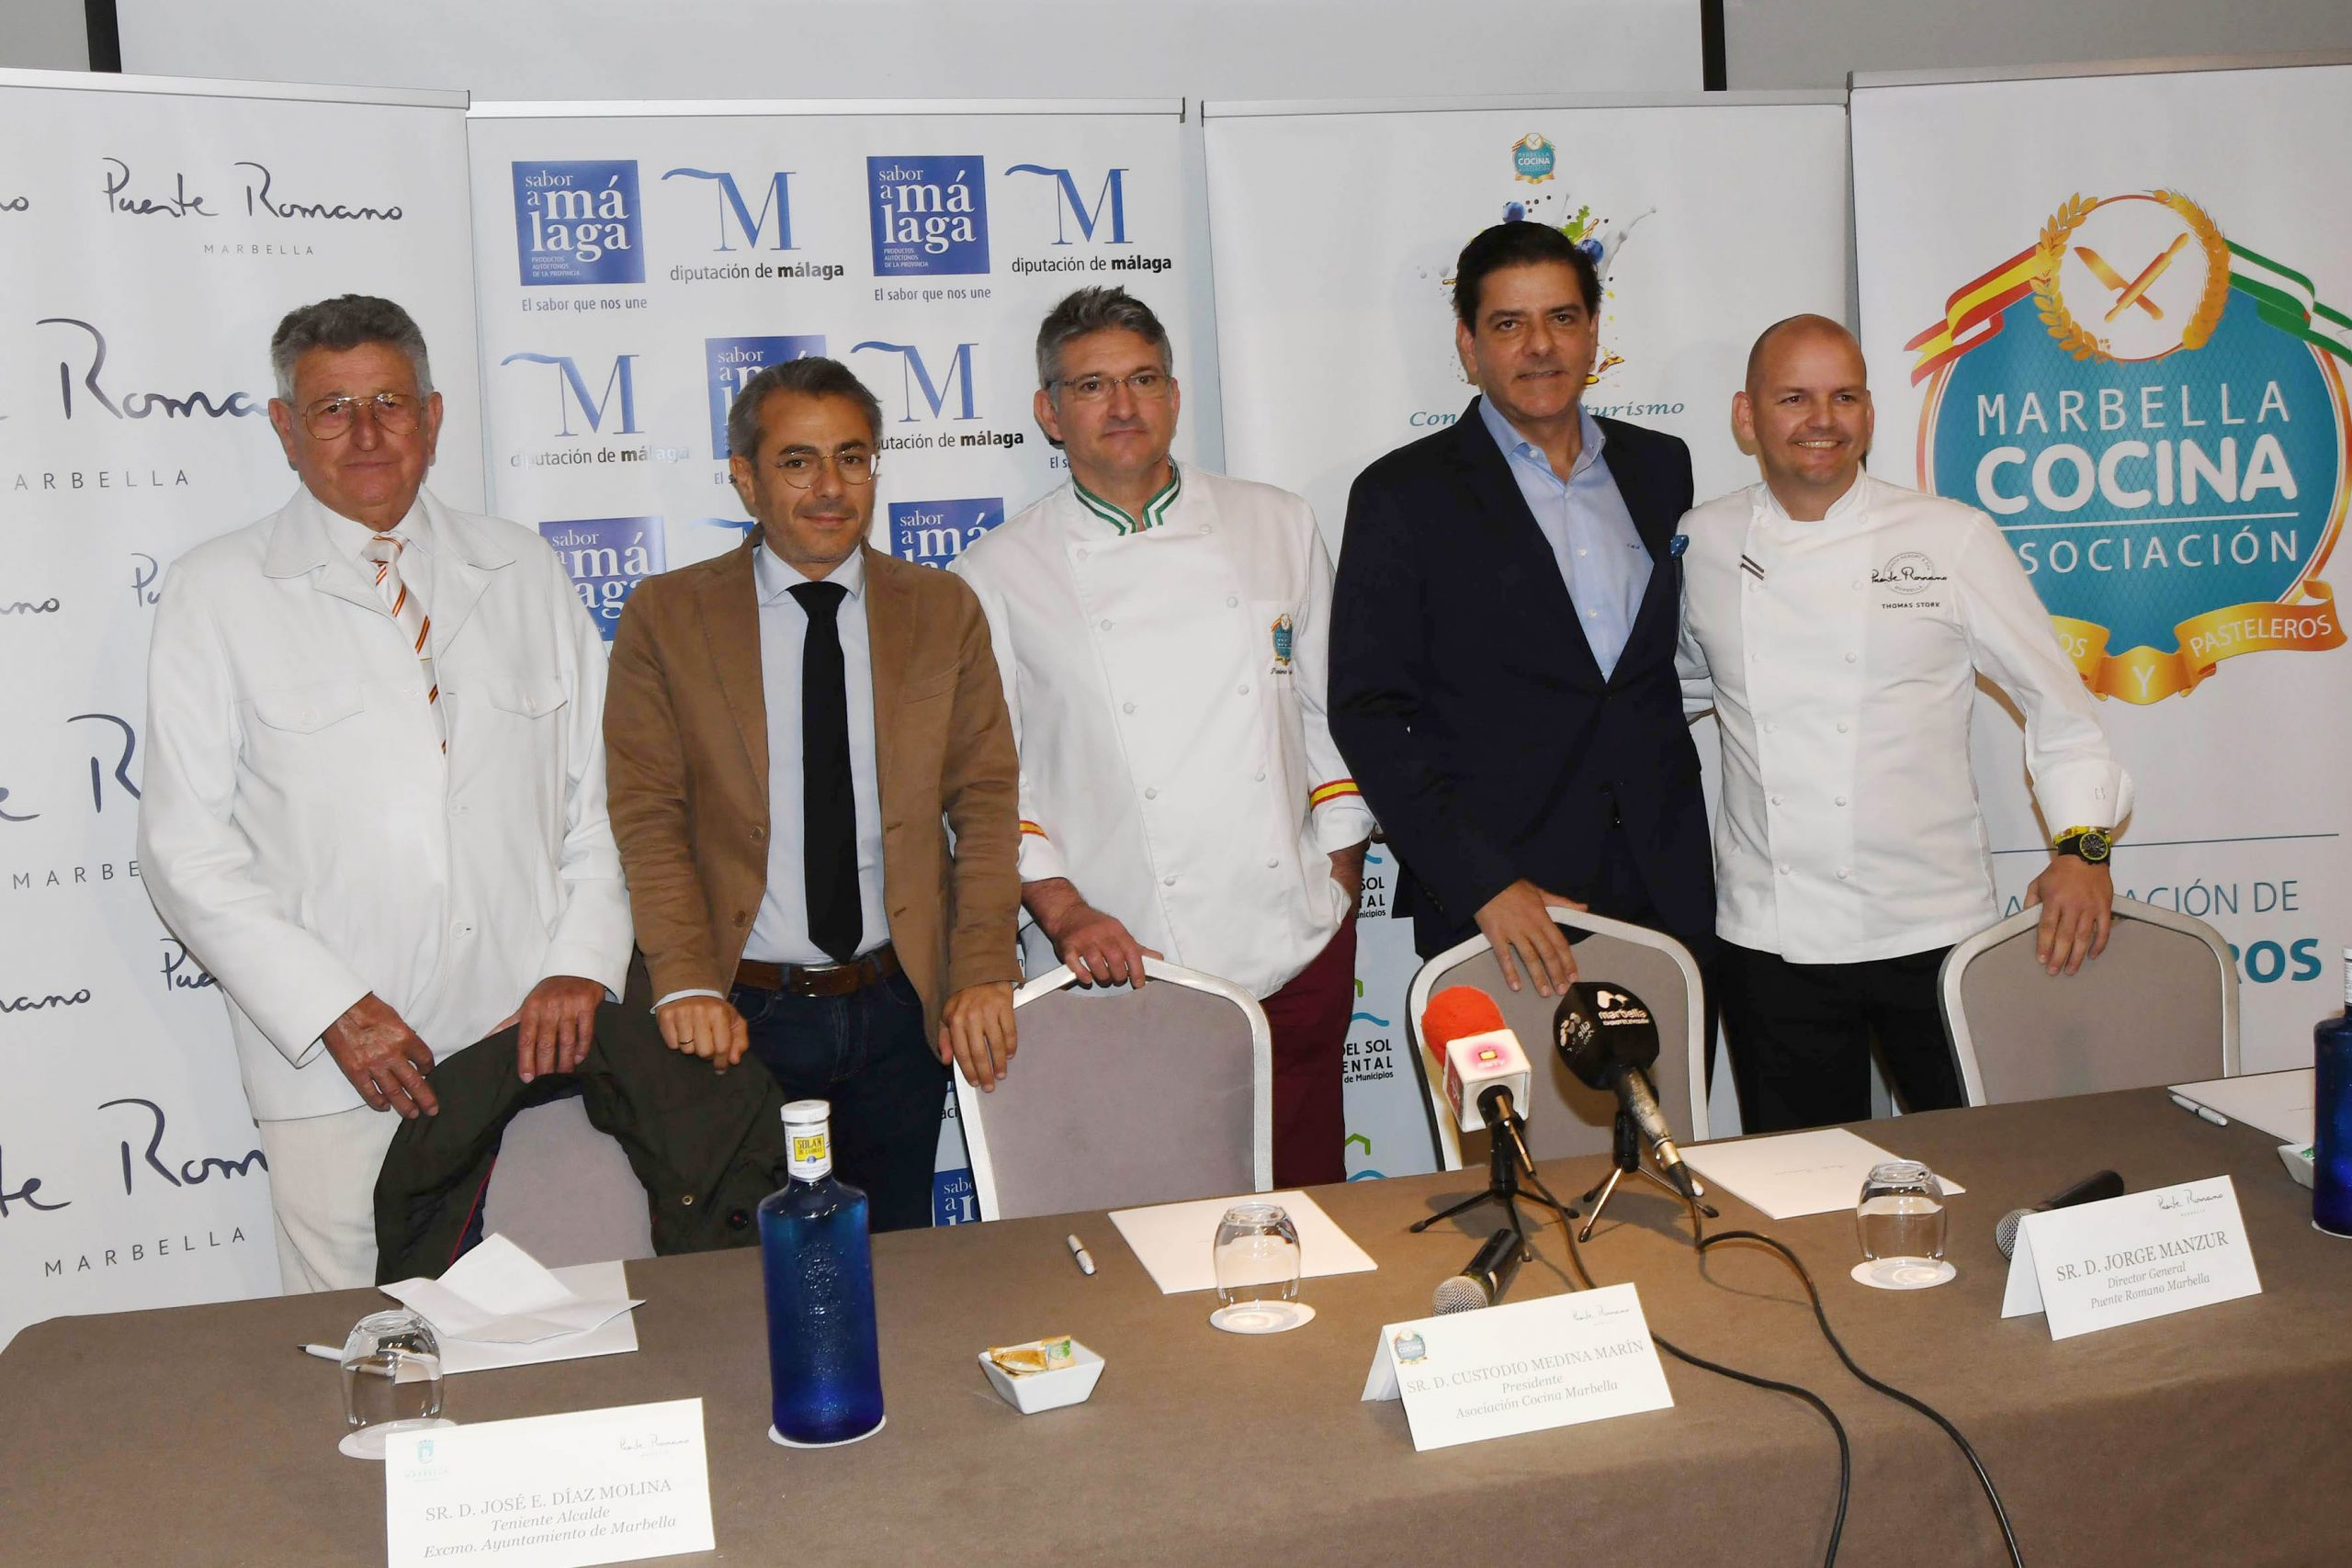 El IV Concurso Gastronómico de Cocina y Pastelería de la Asociación Marbella Cocina tendrá lugar el 12 de abril